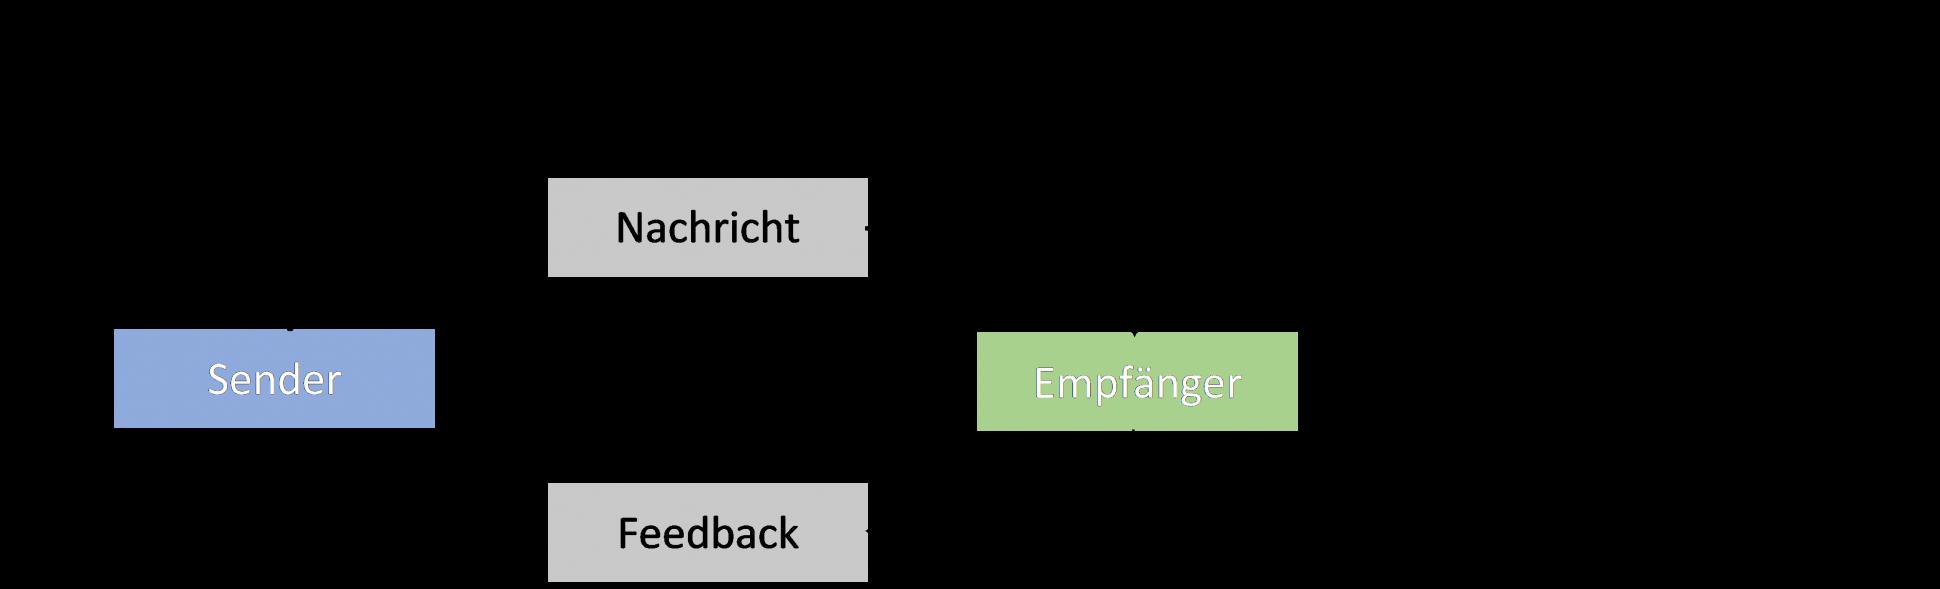 Sender-Empfänger-Modell; Kommunikation; Führung